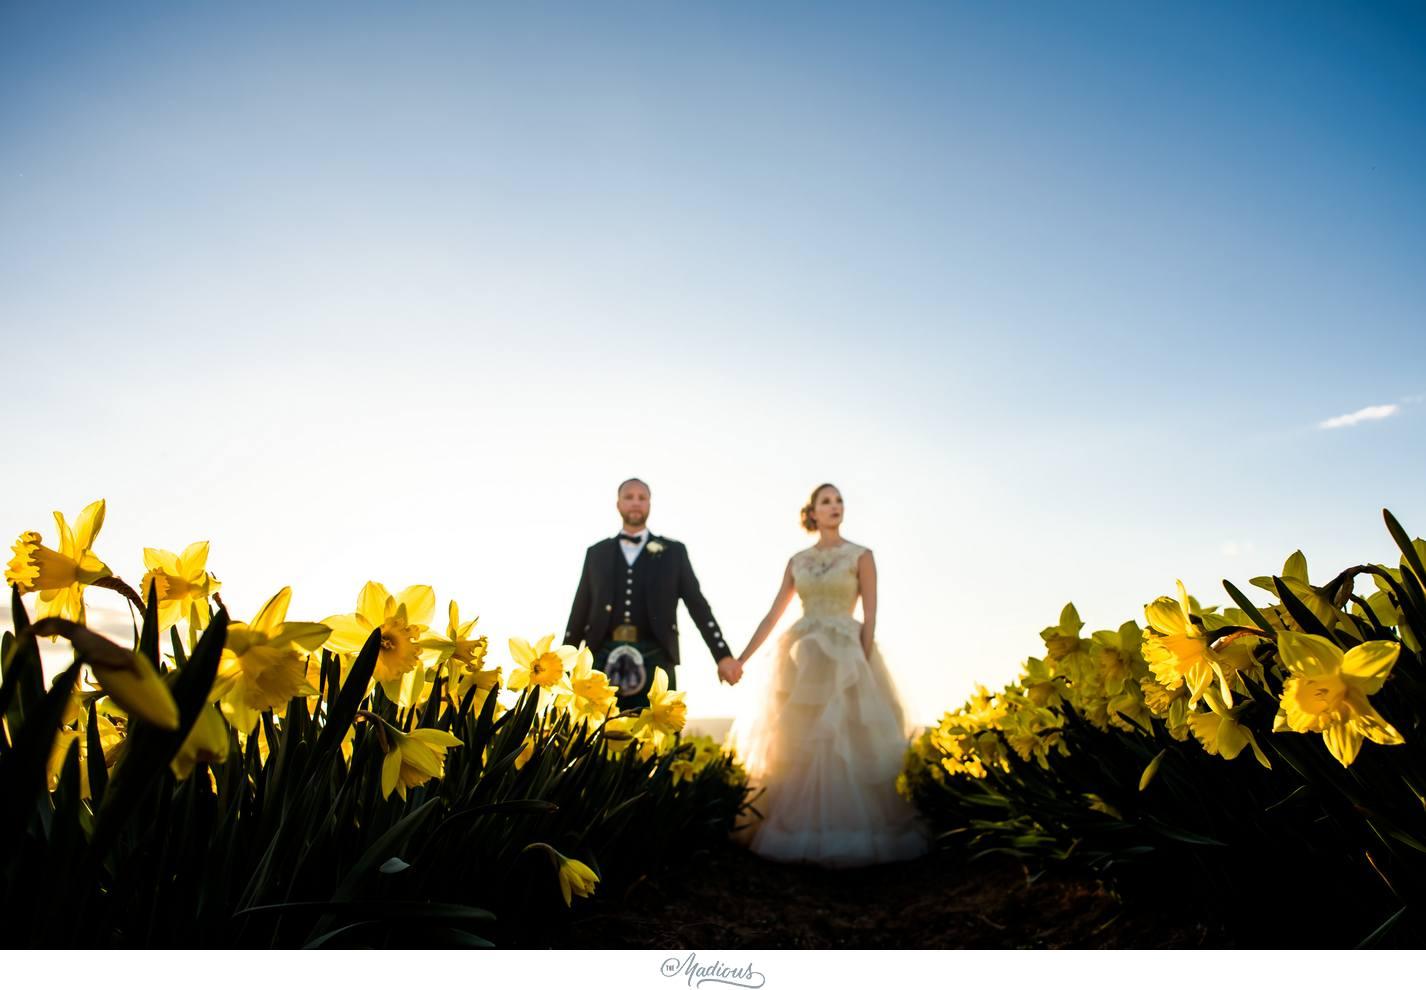 Balbegno_Dunnotar_Castle_Scottland_Wedding_57.jpg